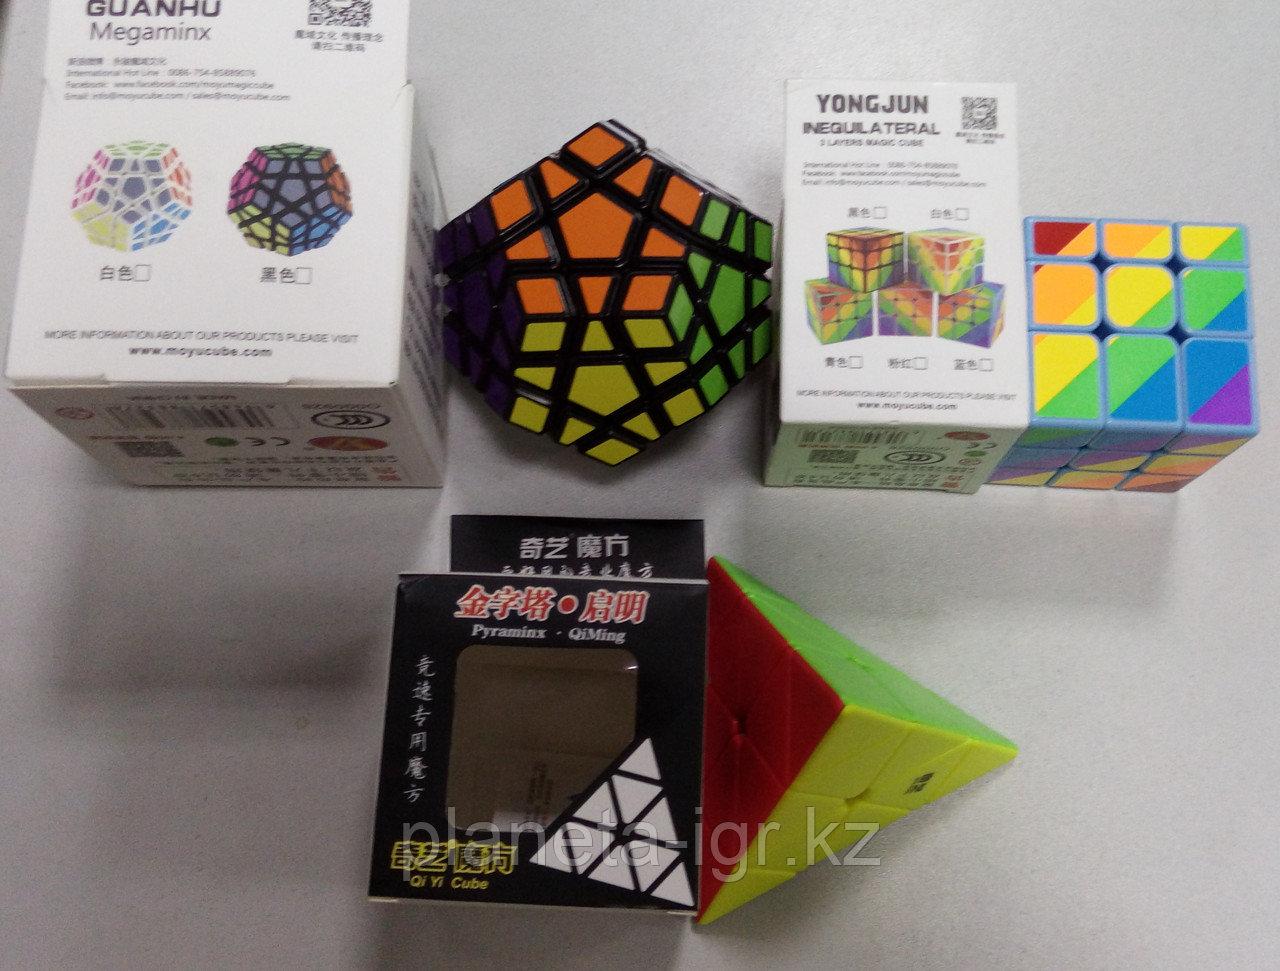 Набор №5: Мегаминкс Мойю Гуанху+Радужный мойю 3х3+QIUI Pyraminx